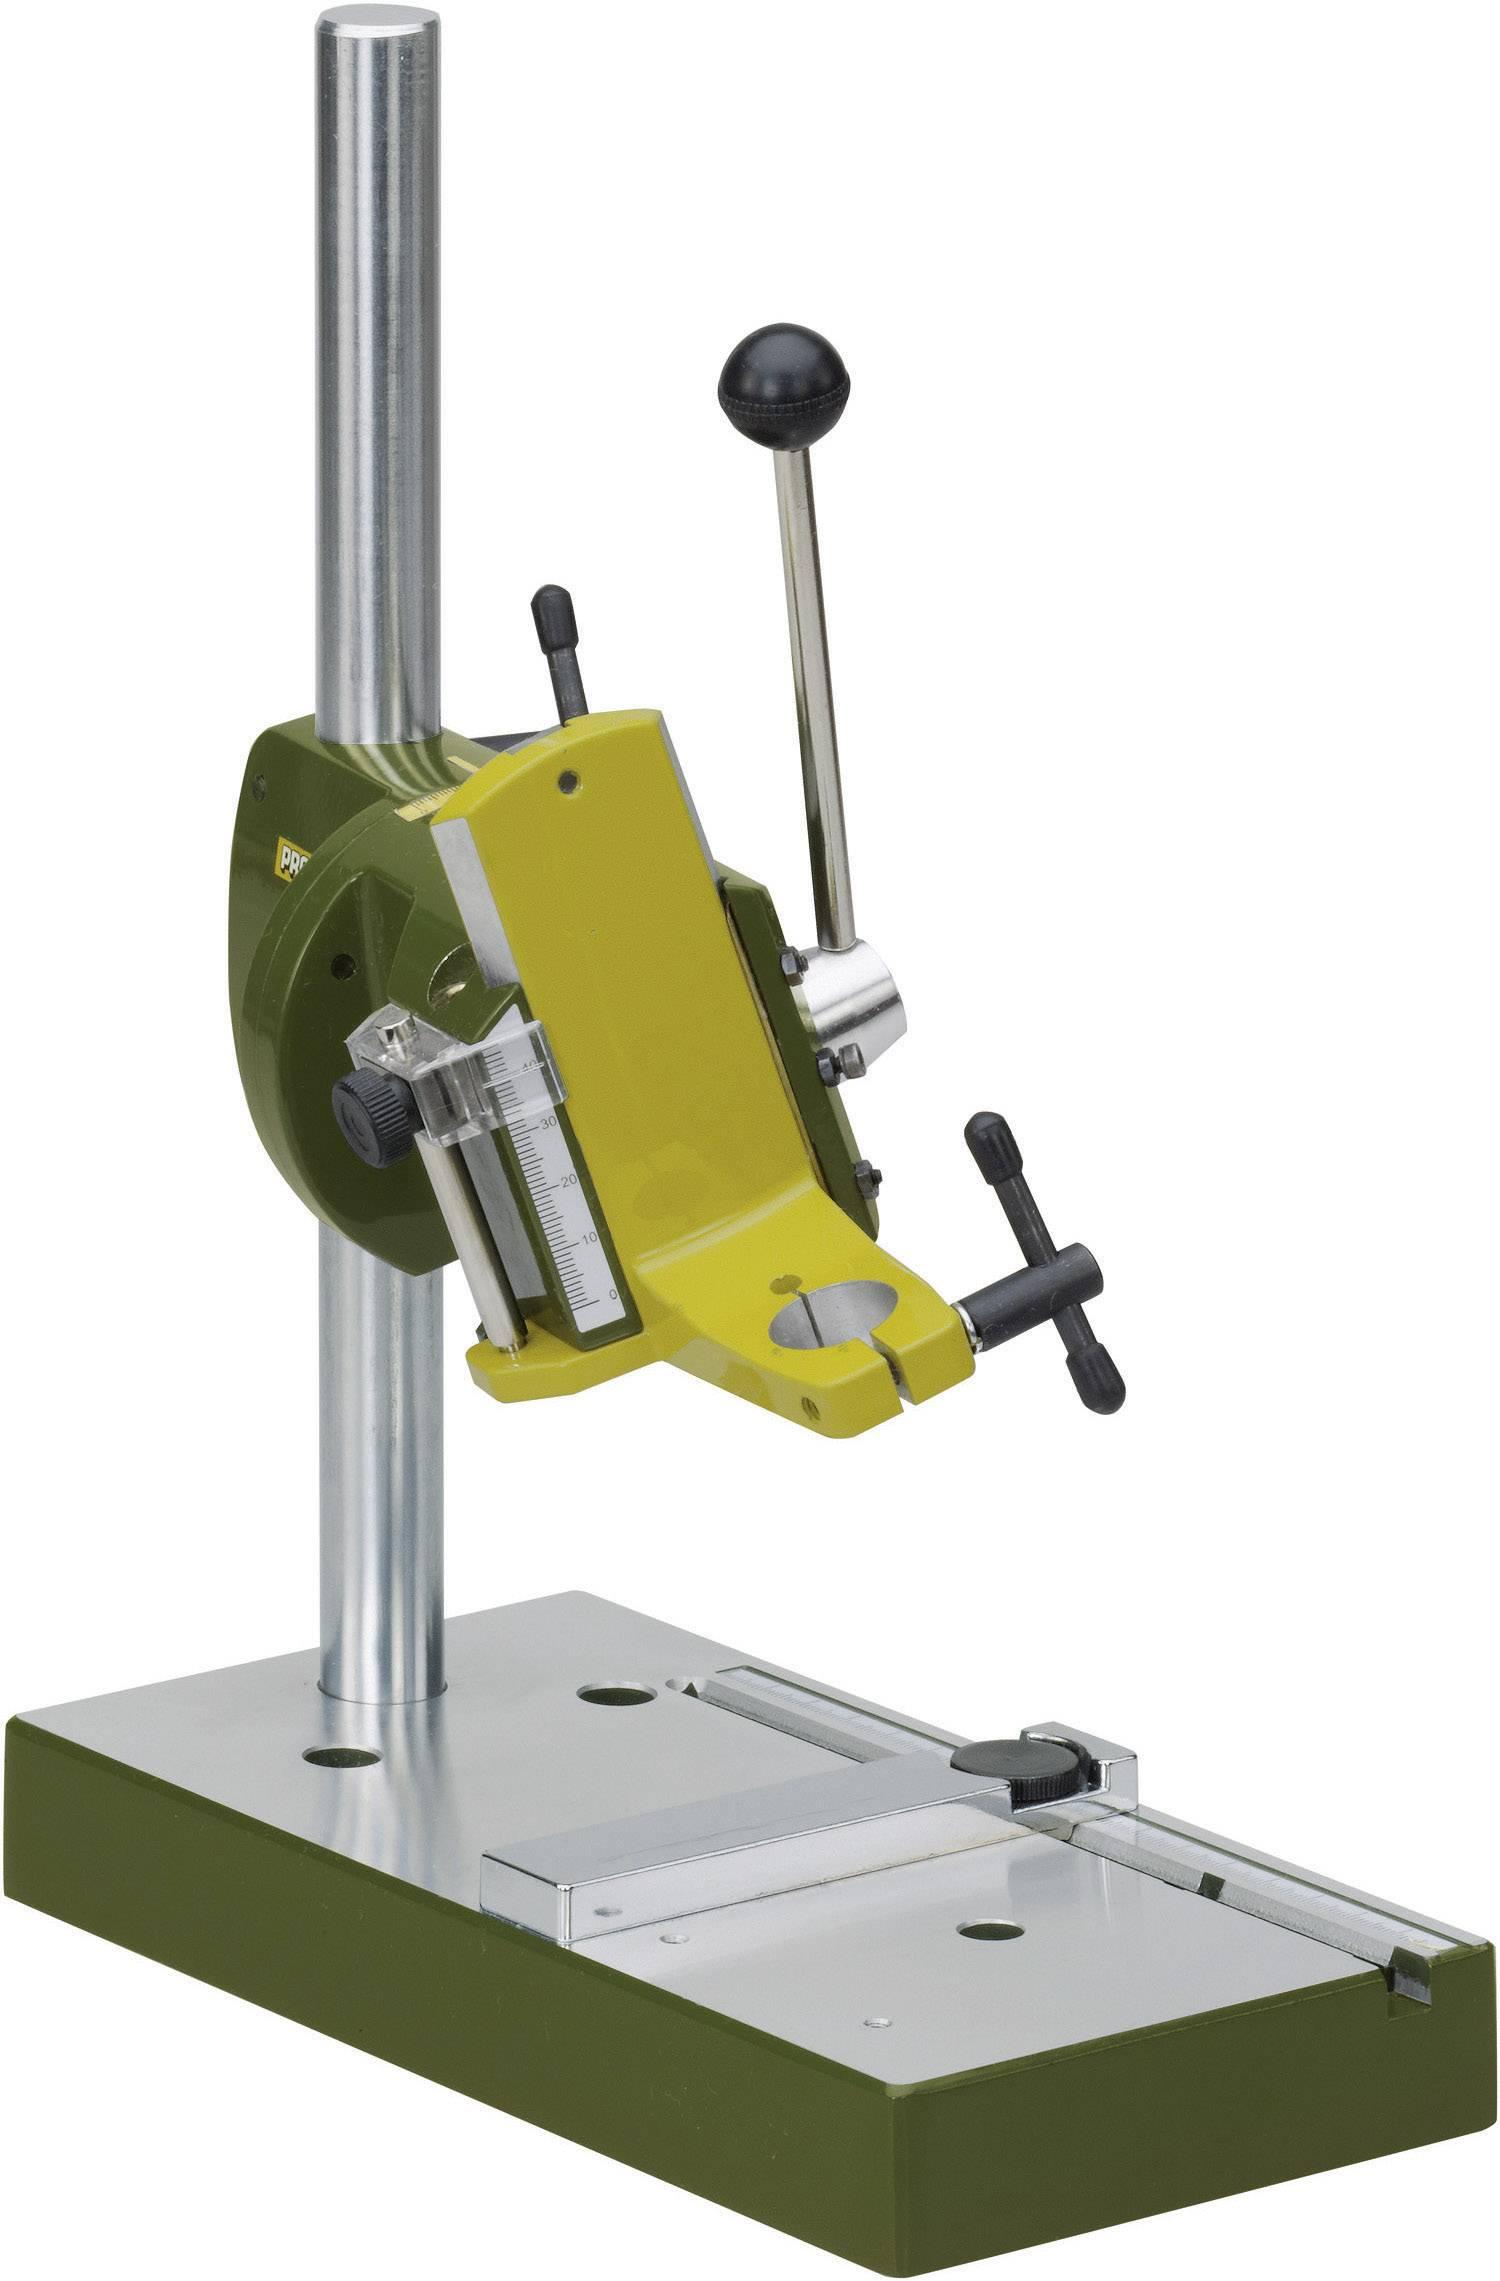 Stojanový držiak na vŕtačku Proxxon Micromot MB 200 28 600, výška 280 mm